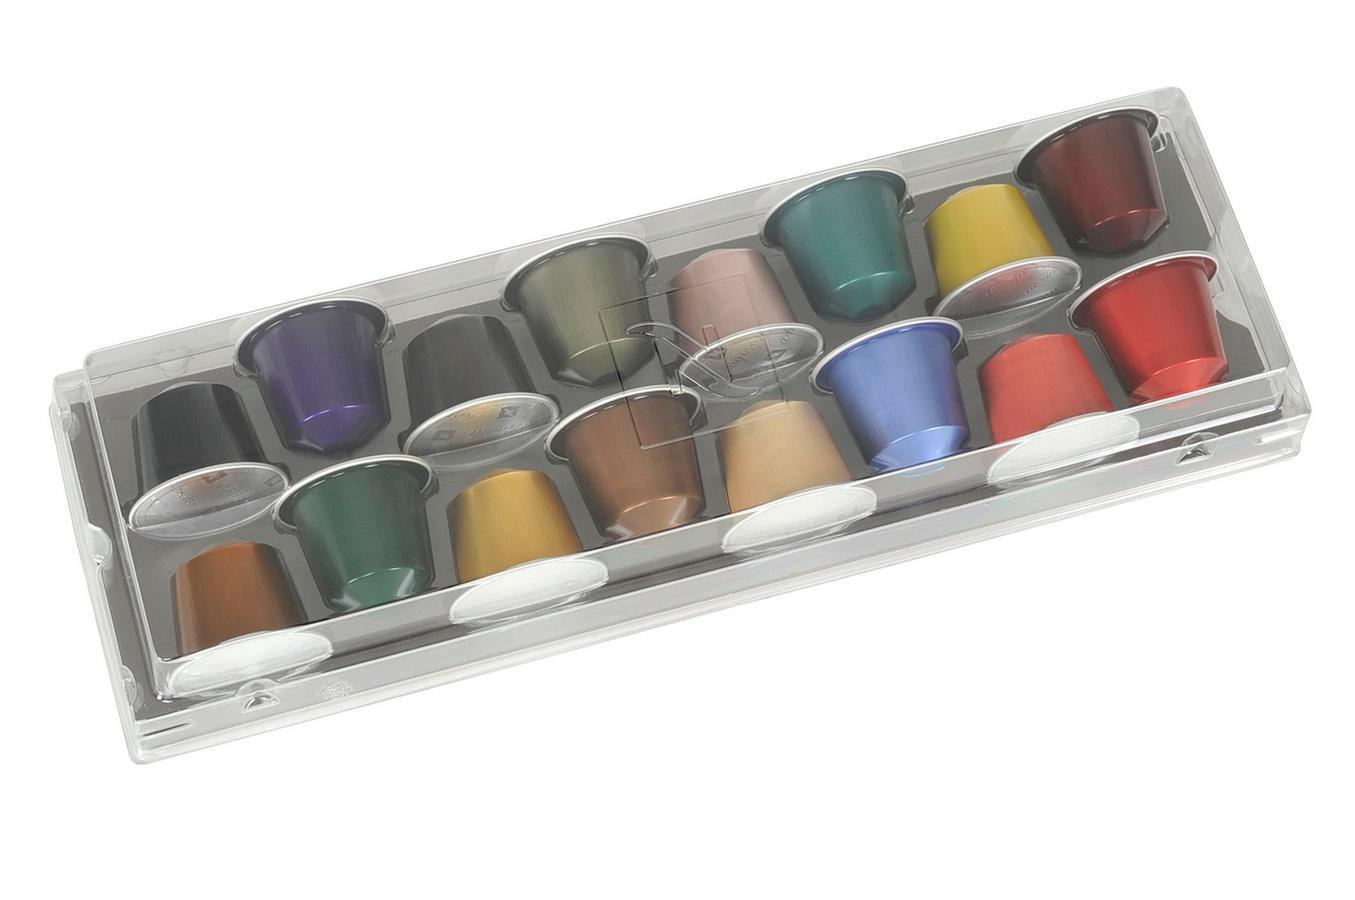 Coffret Grands crus de 16 Capsules offerts  pour toute commande minimum de 10 étuis (100 capsules)